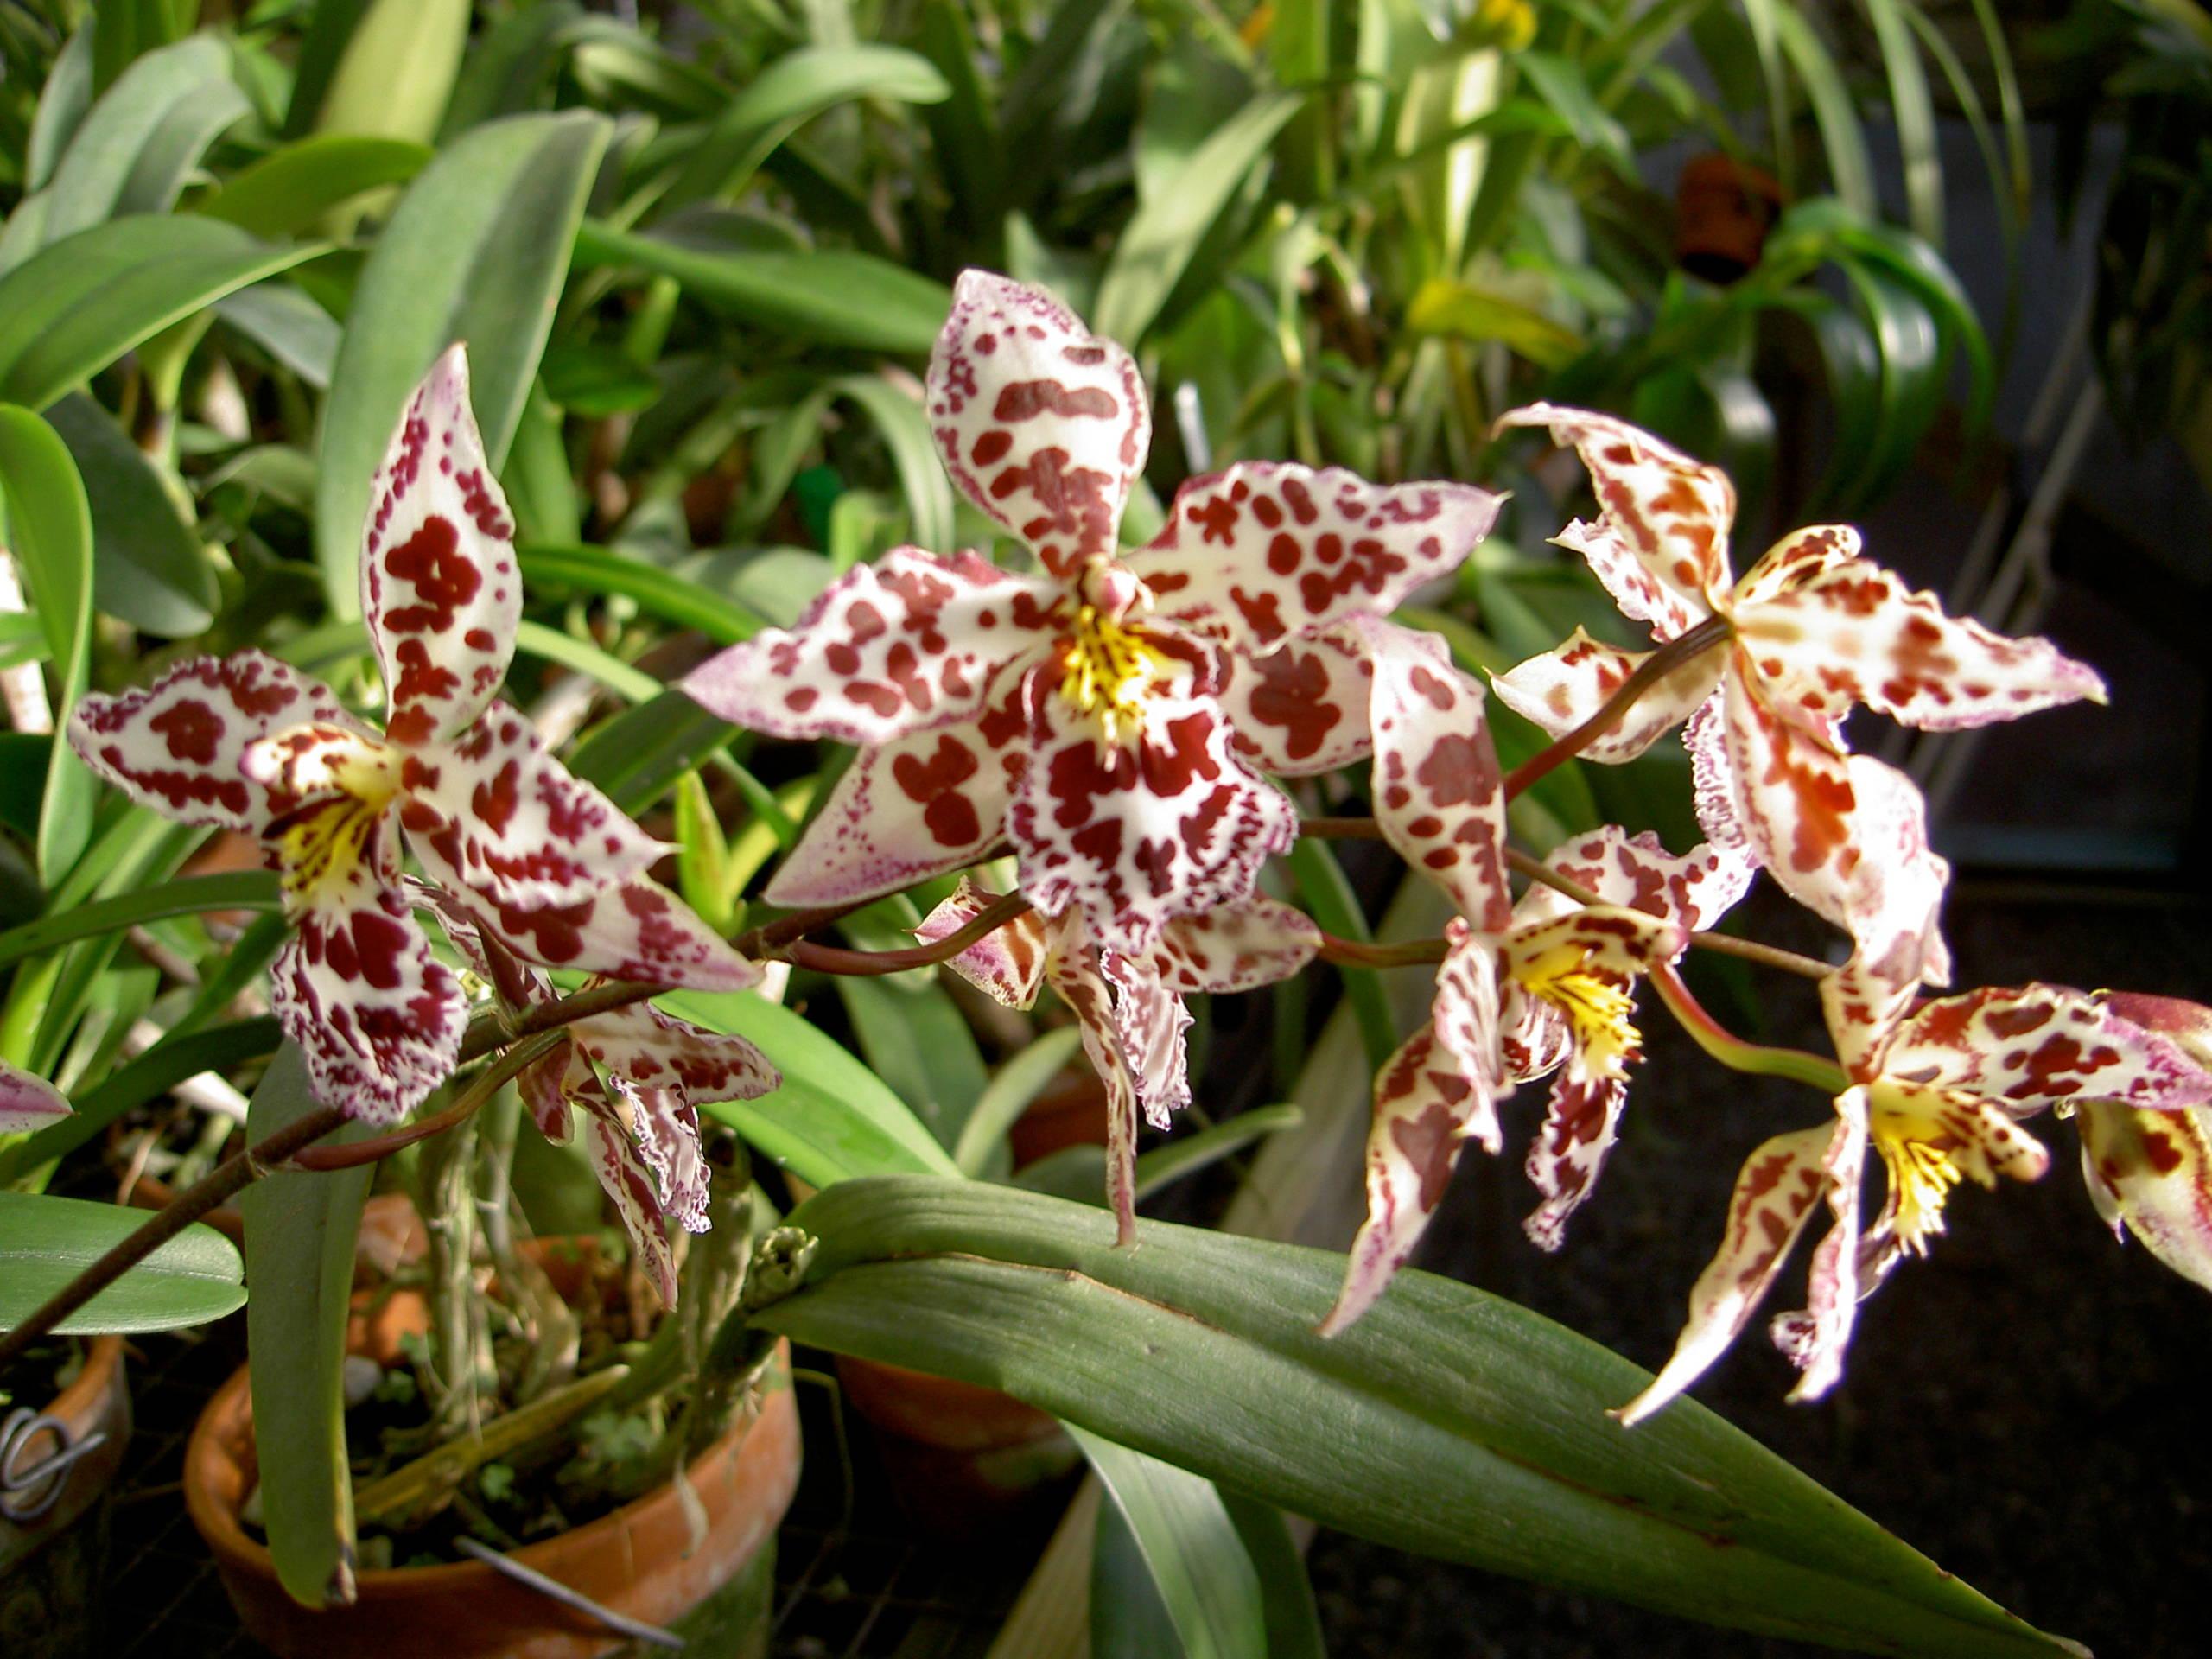 Odontocidium  Margaret. Holm 'Alpine' (Oncidium intergeneric)